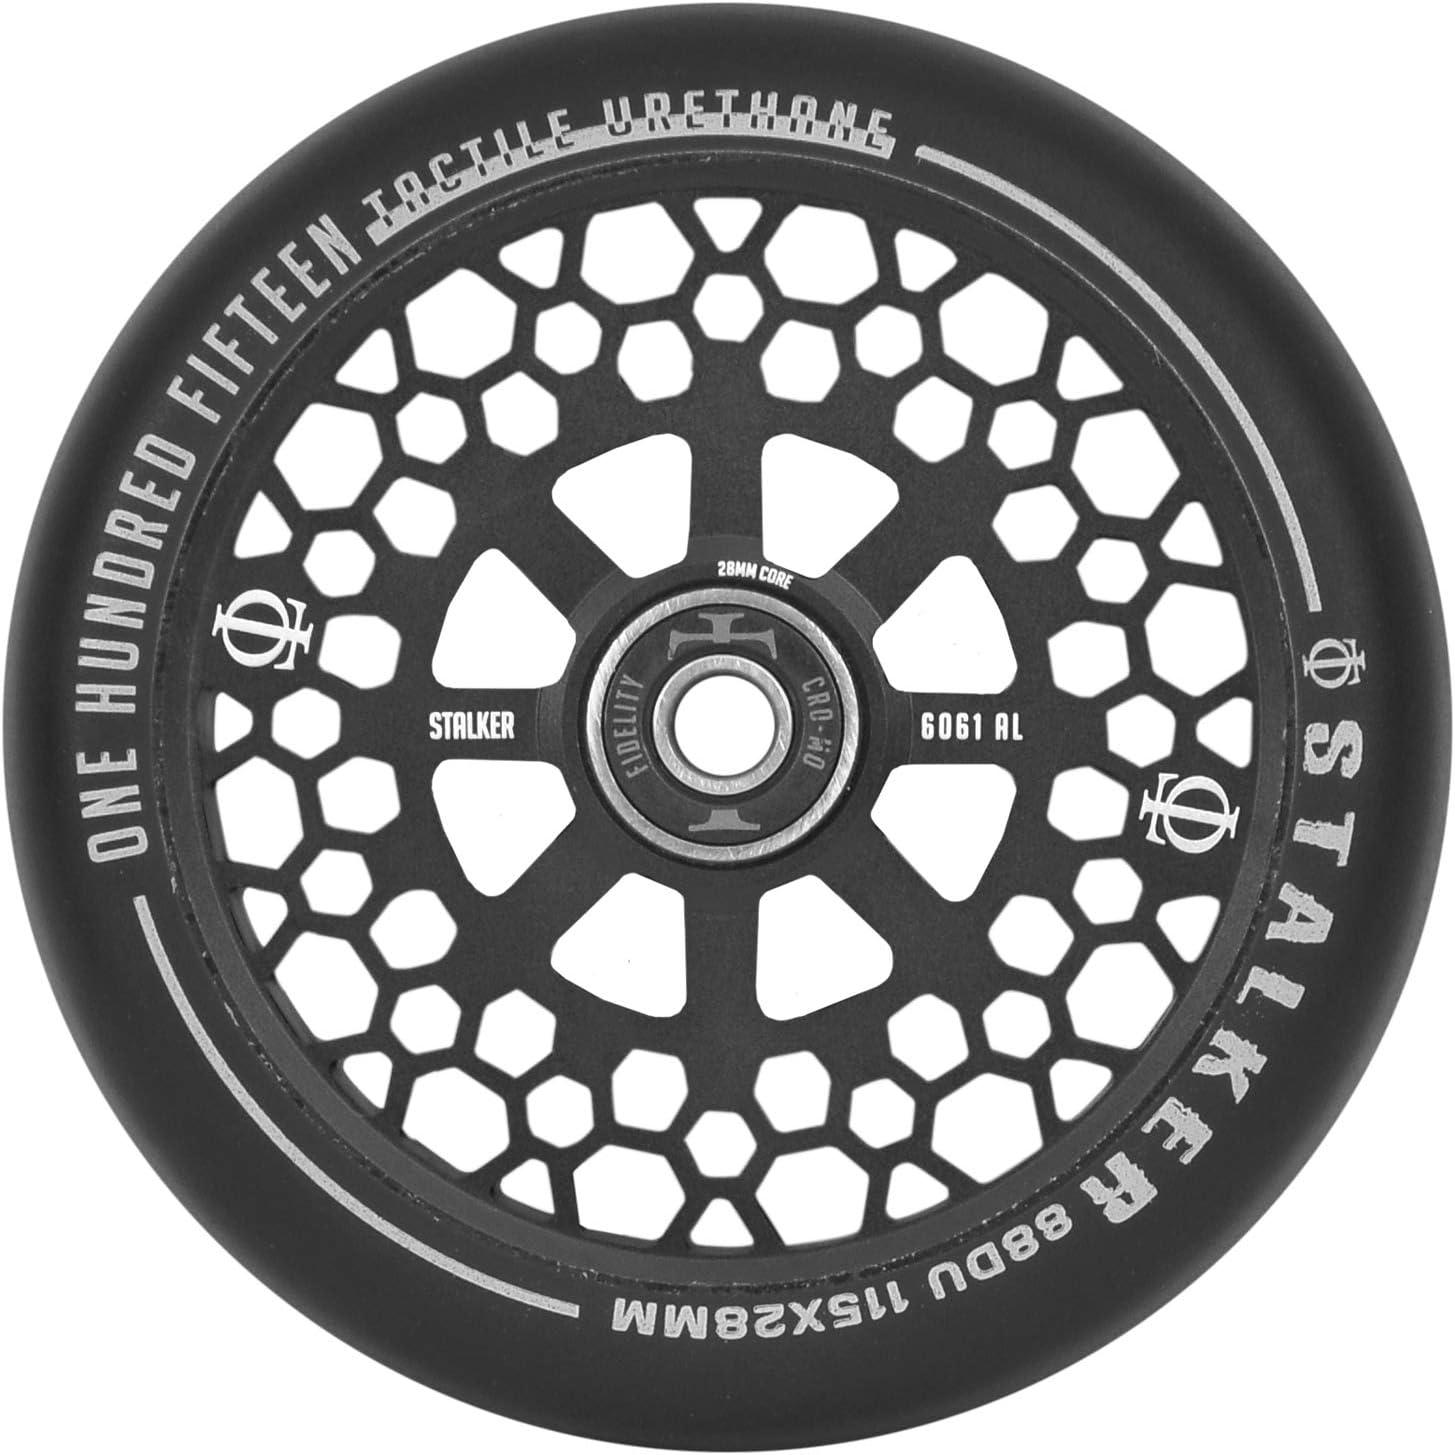 Oath Stalker 115 x 28 x 28mm Wheels